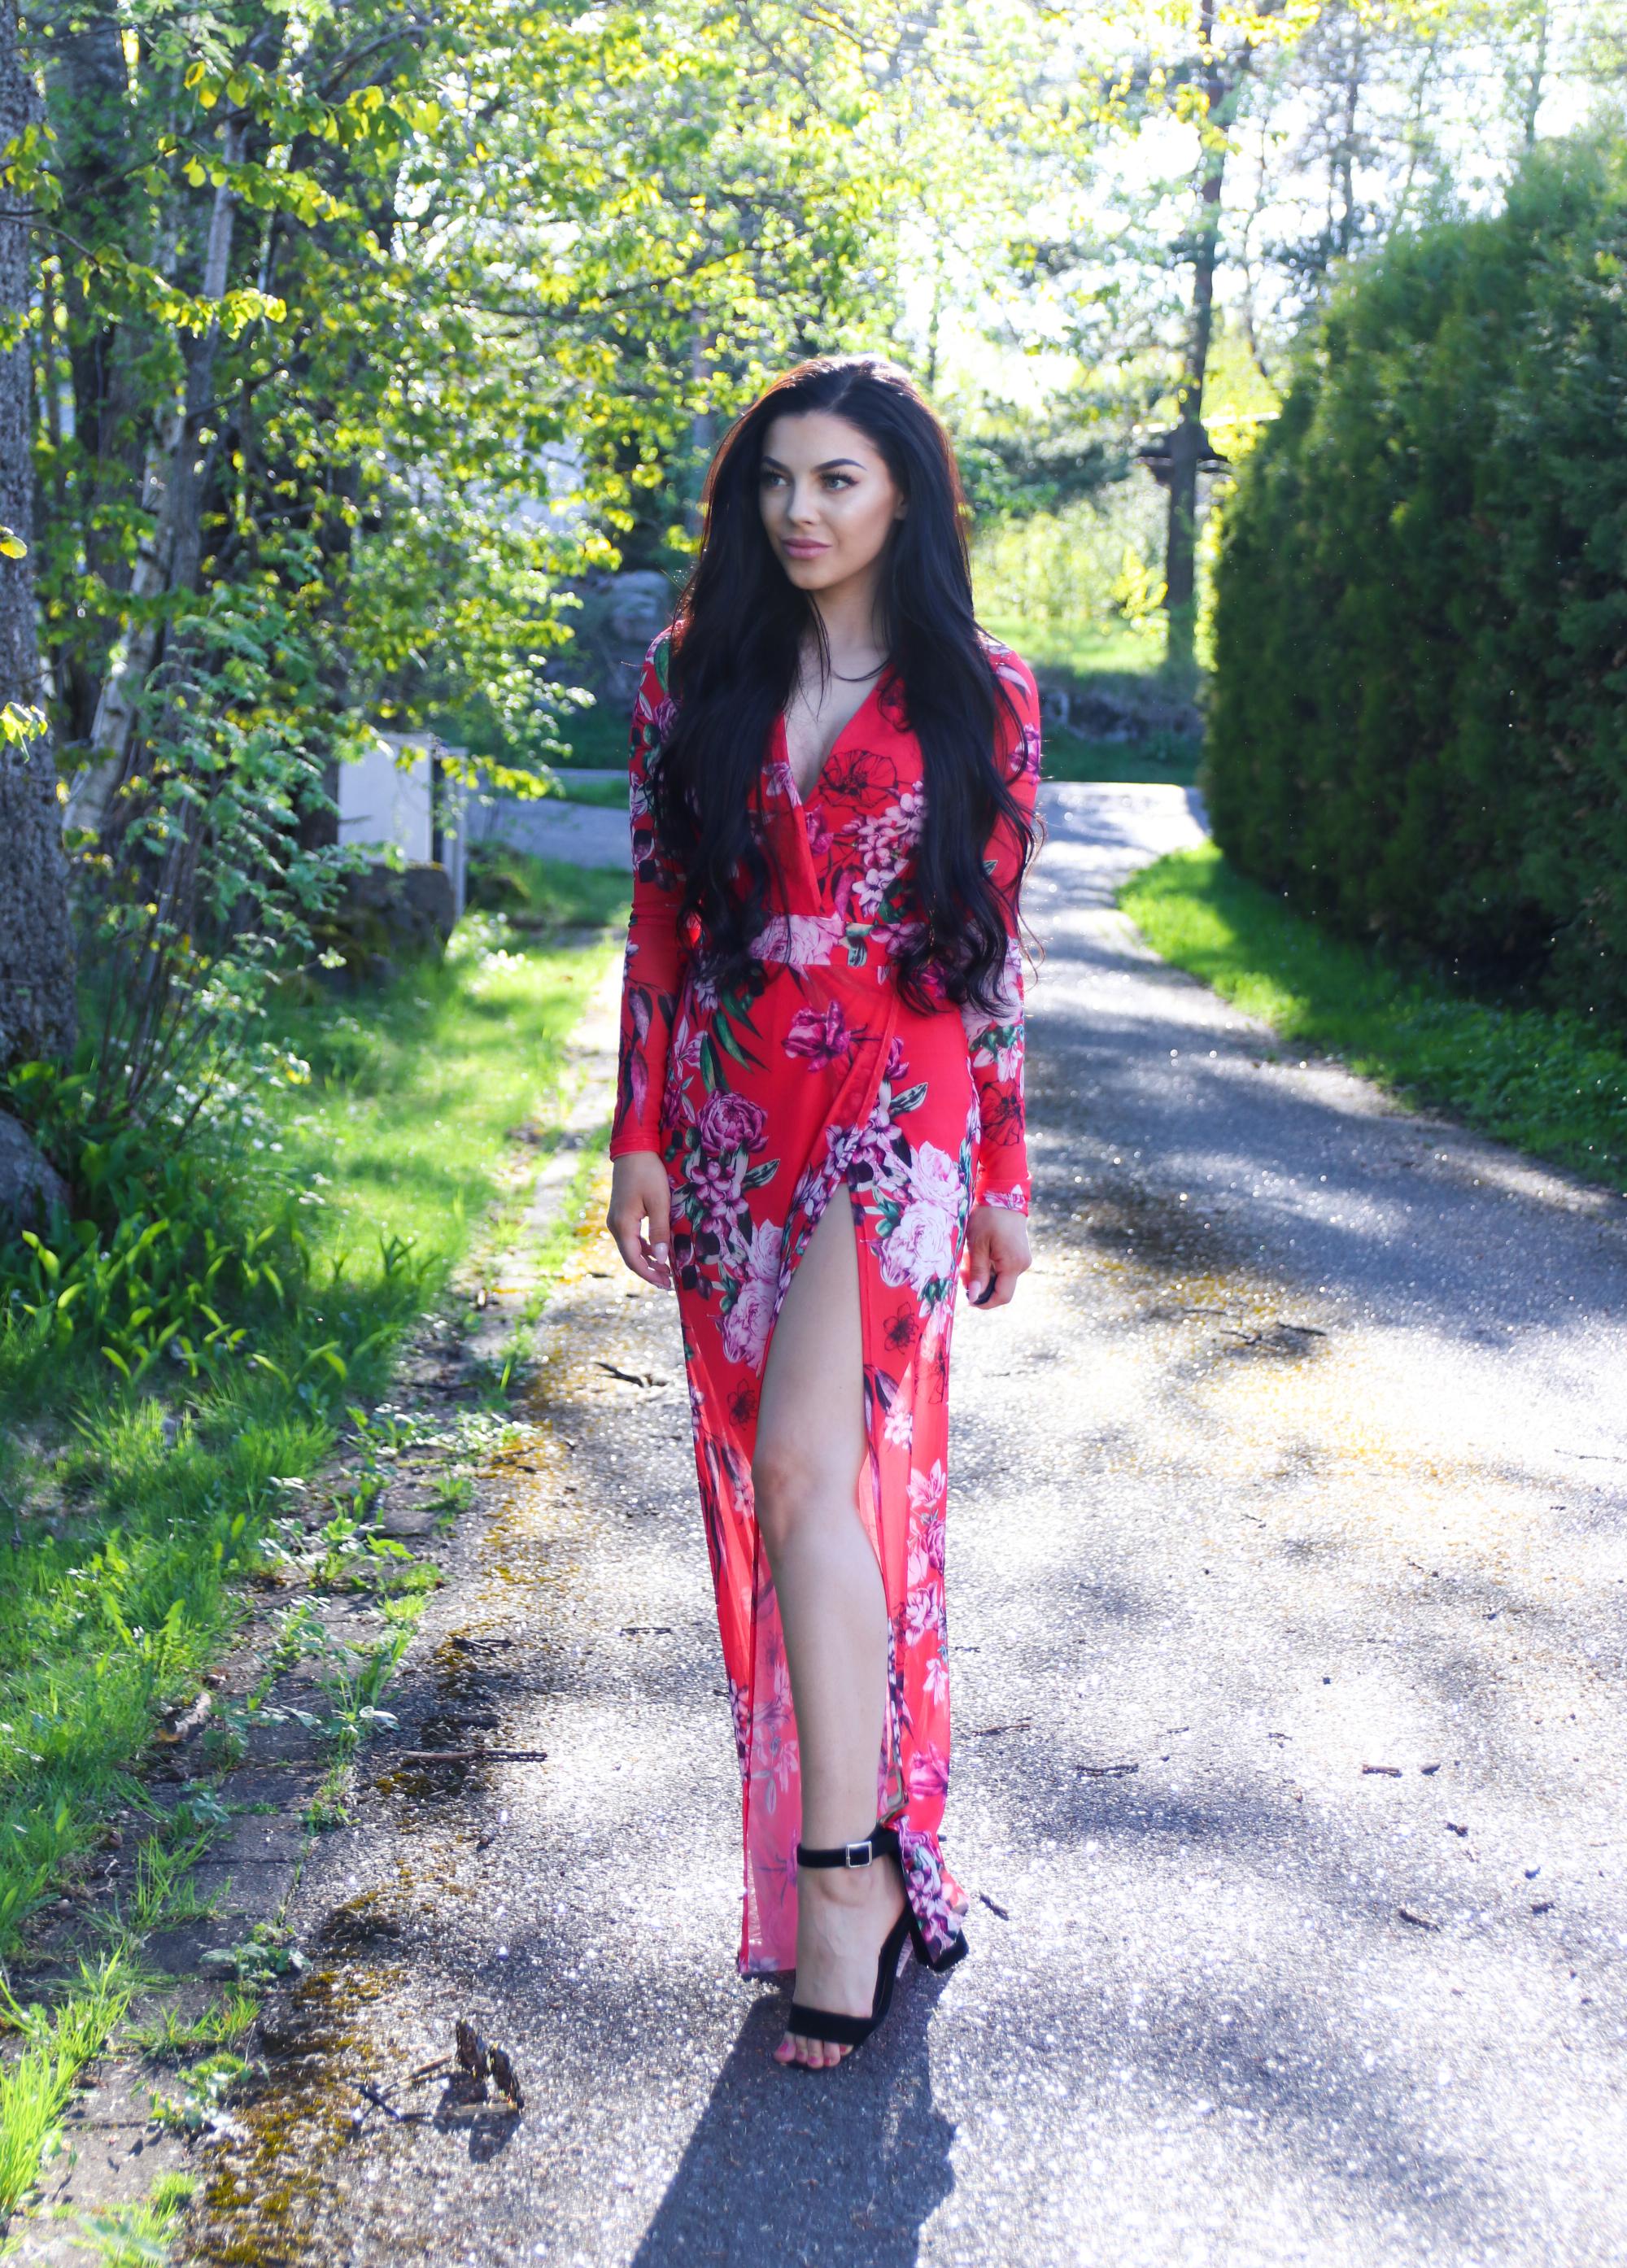 c316e318 Så langt har jeg funnet en superfin og blomstrete kjole som jeg tror at  passer perfekt til dagen, så den vil jeg avsløre for dere i dette innlegget!